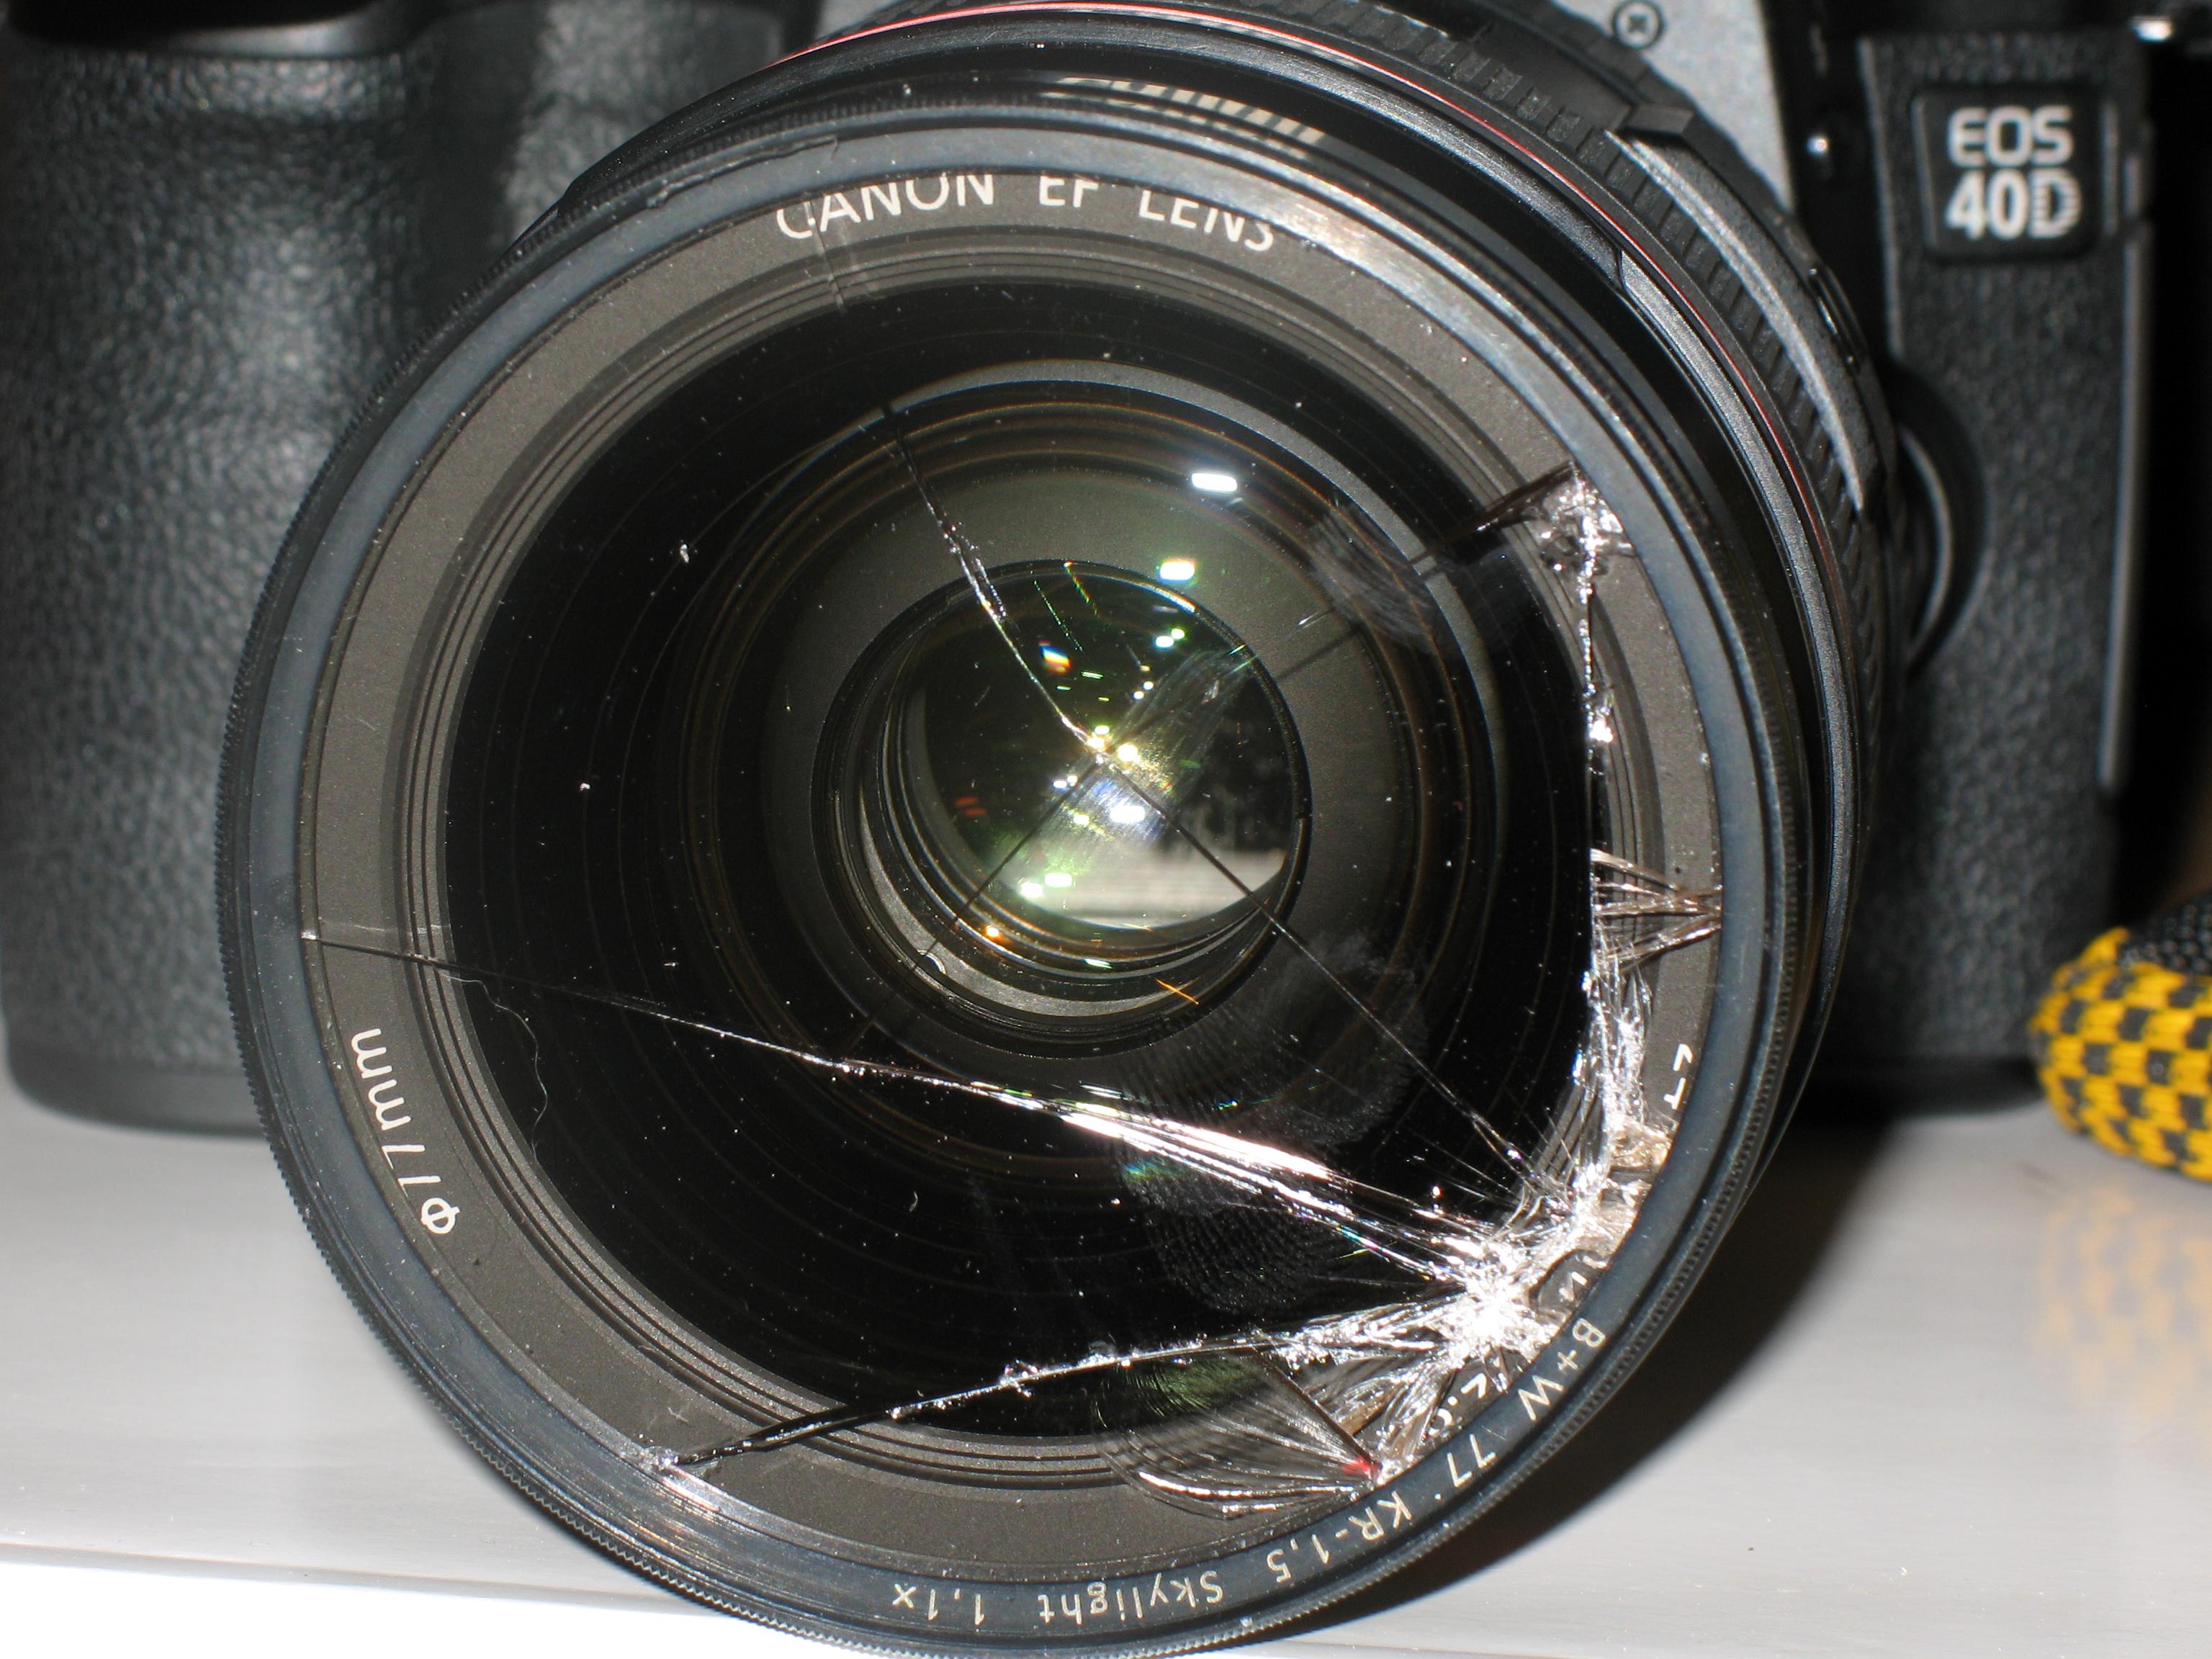 Geborstener Kamerafilter